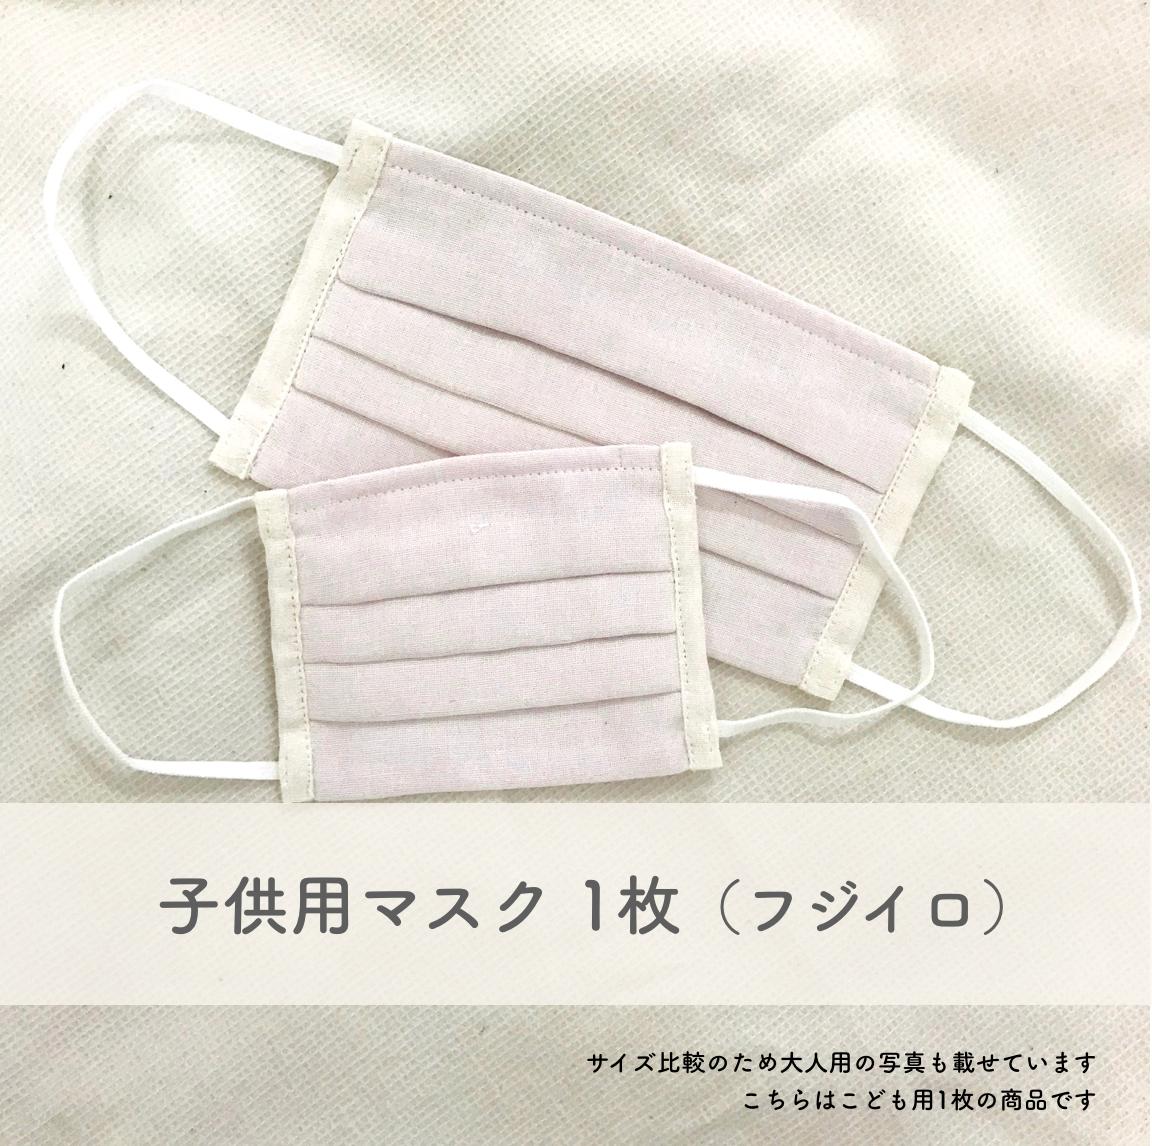 【限定数 / 送料無料】(こども用)LUCYオリジナルオーガニックコットンマスク(フジイロ)